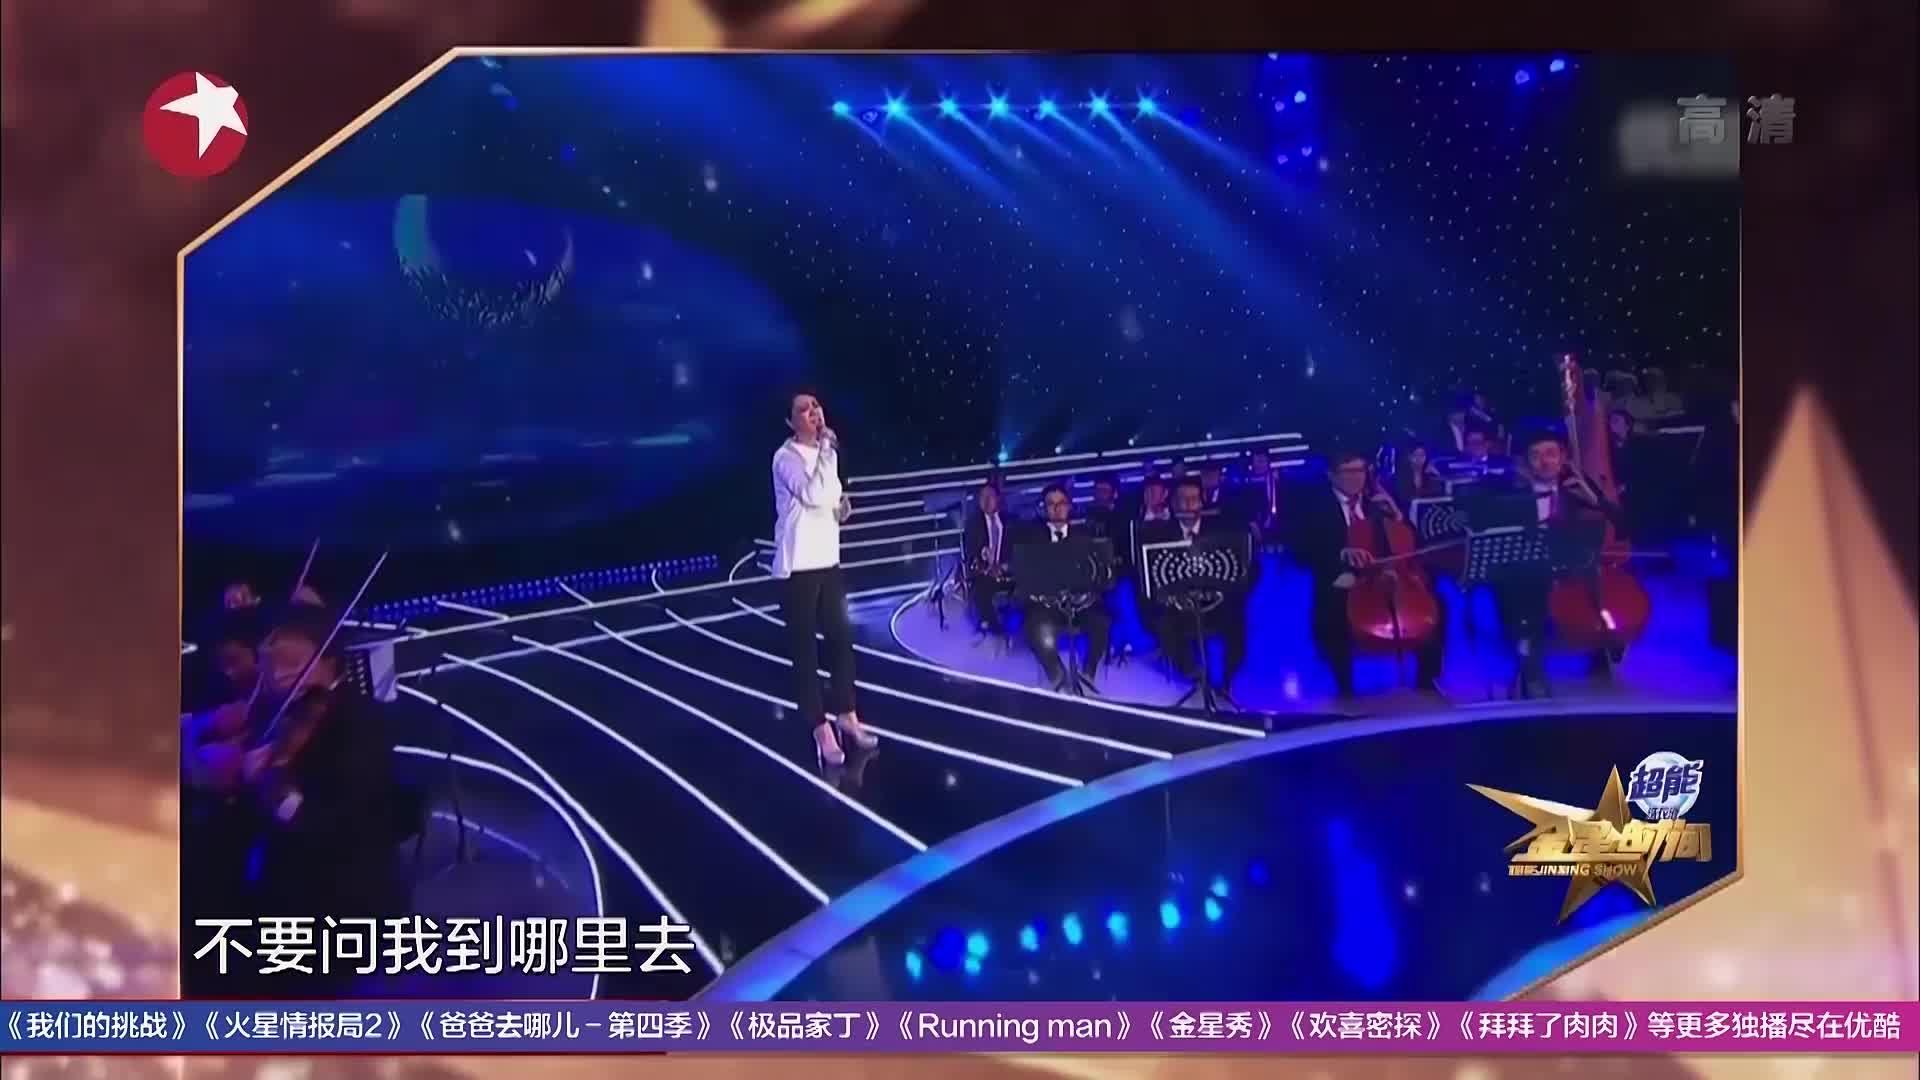 金星秀:毛阿敏代表文化部参加国际大赛,结果一战成名,厉害了!